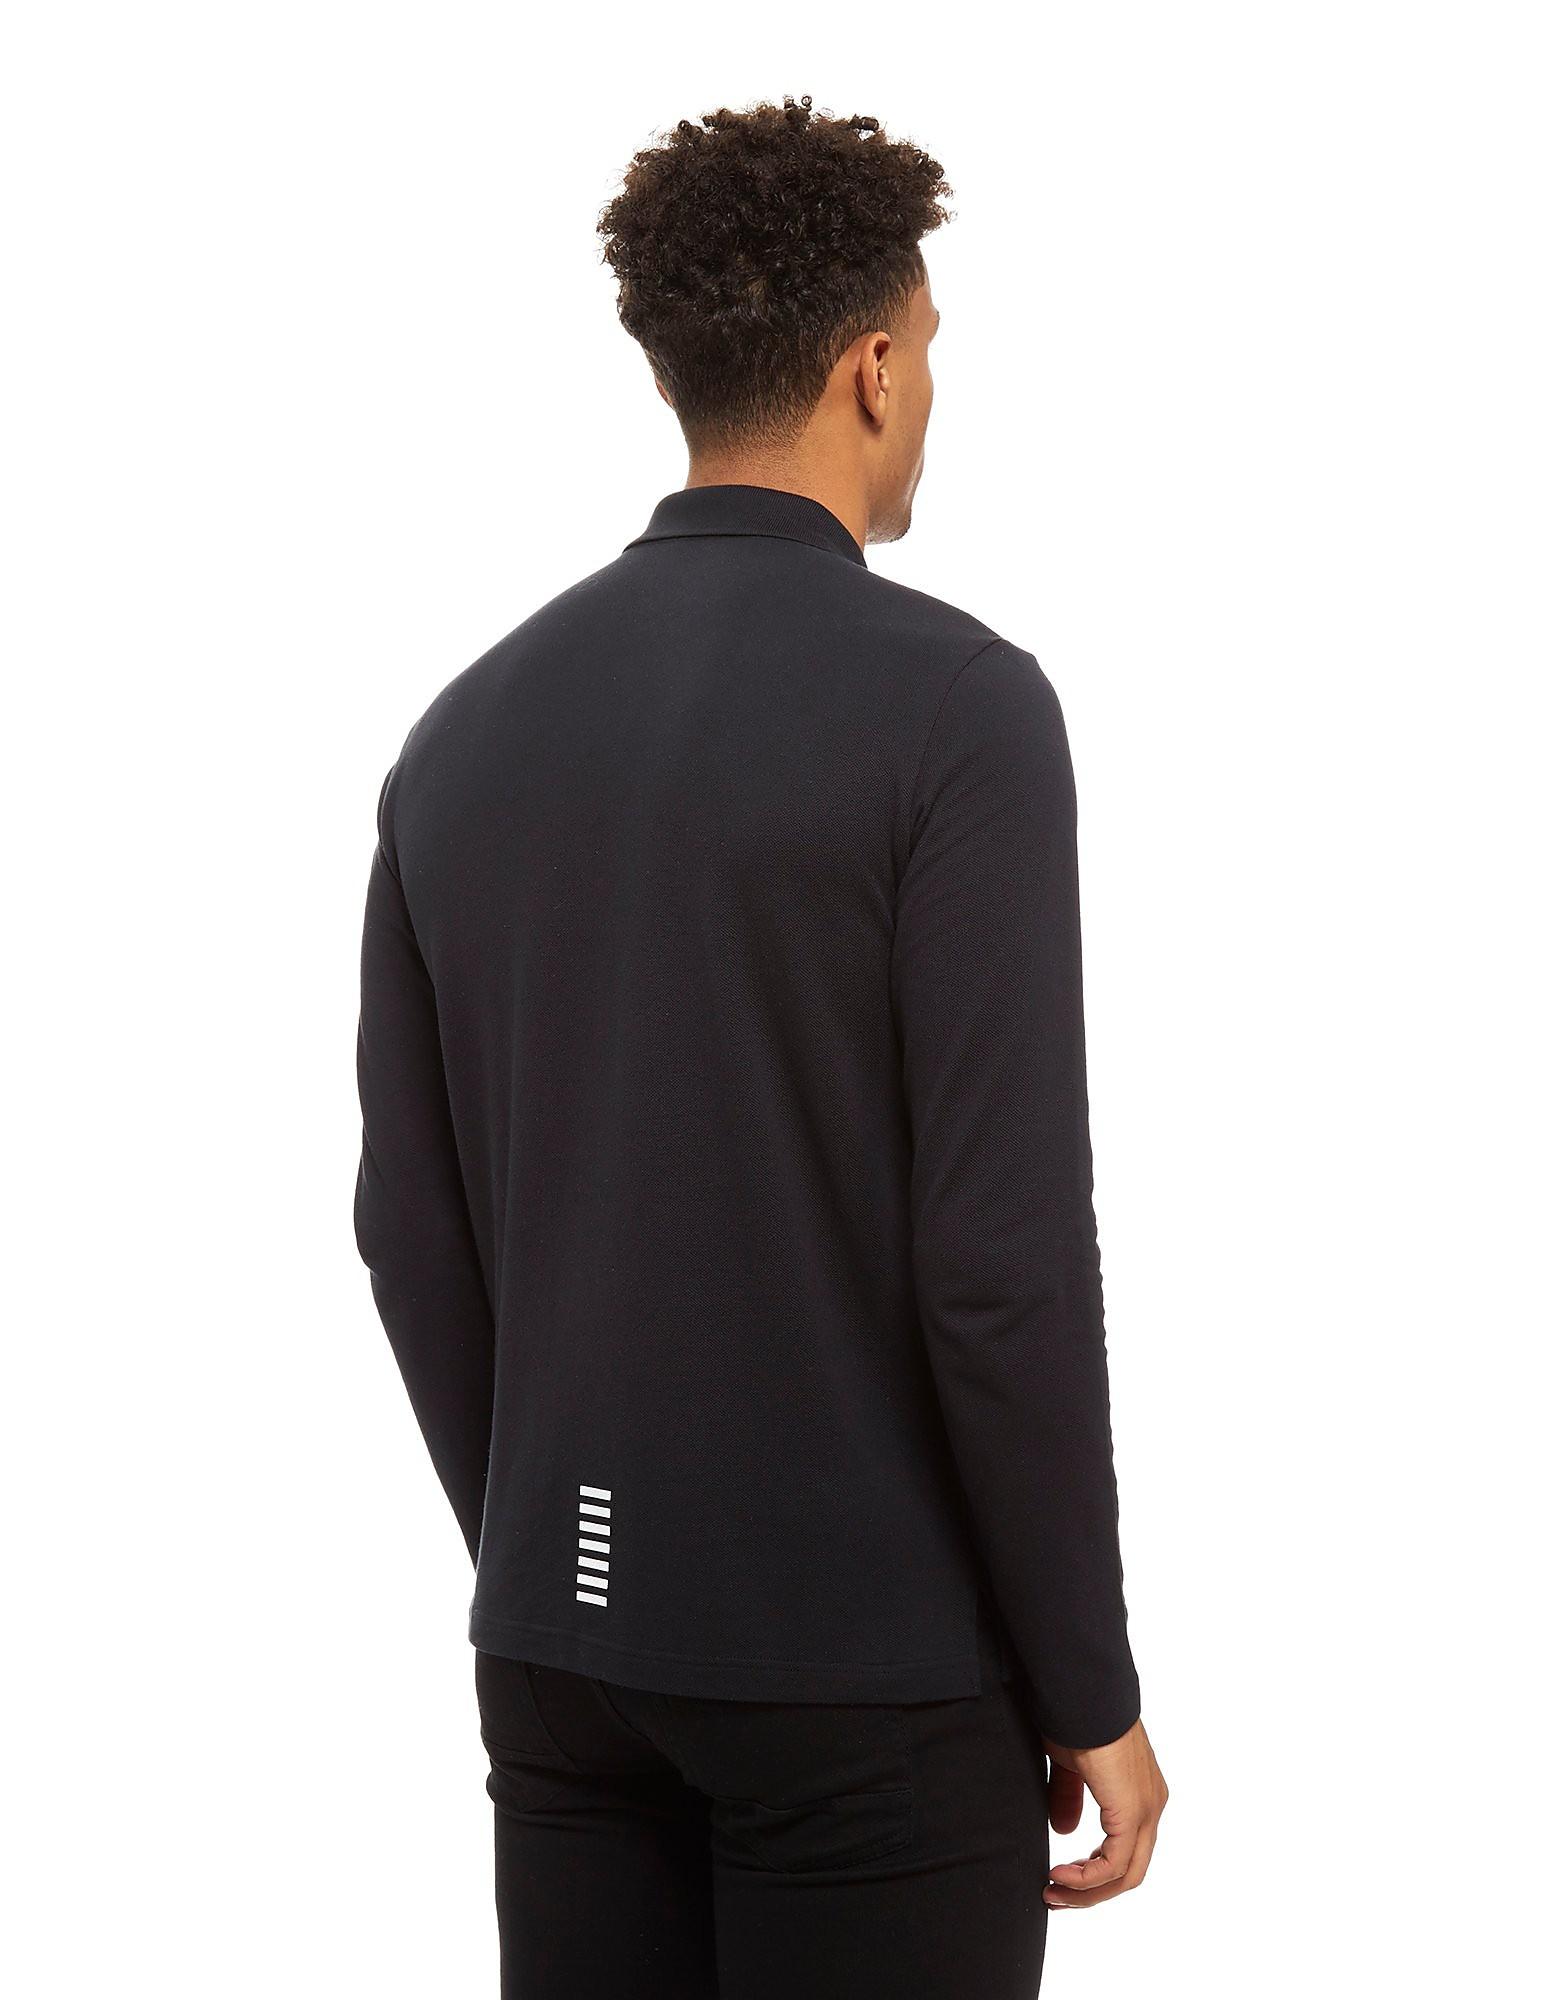 Emporio Armani EA7 Pique Long Sleeve Polo